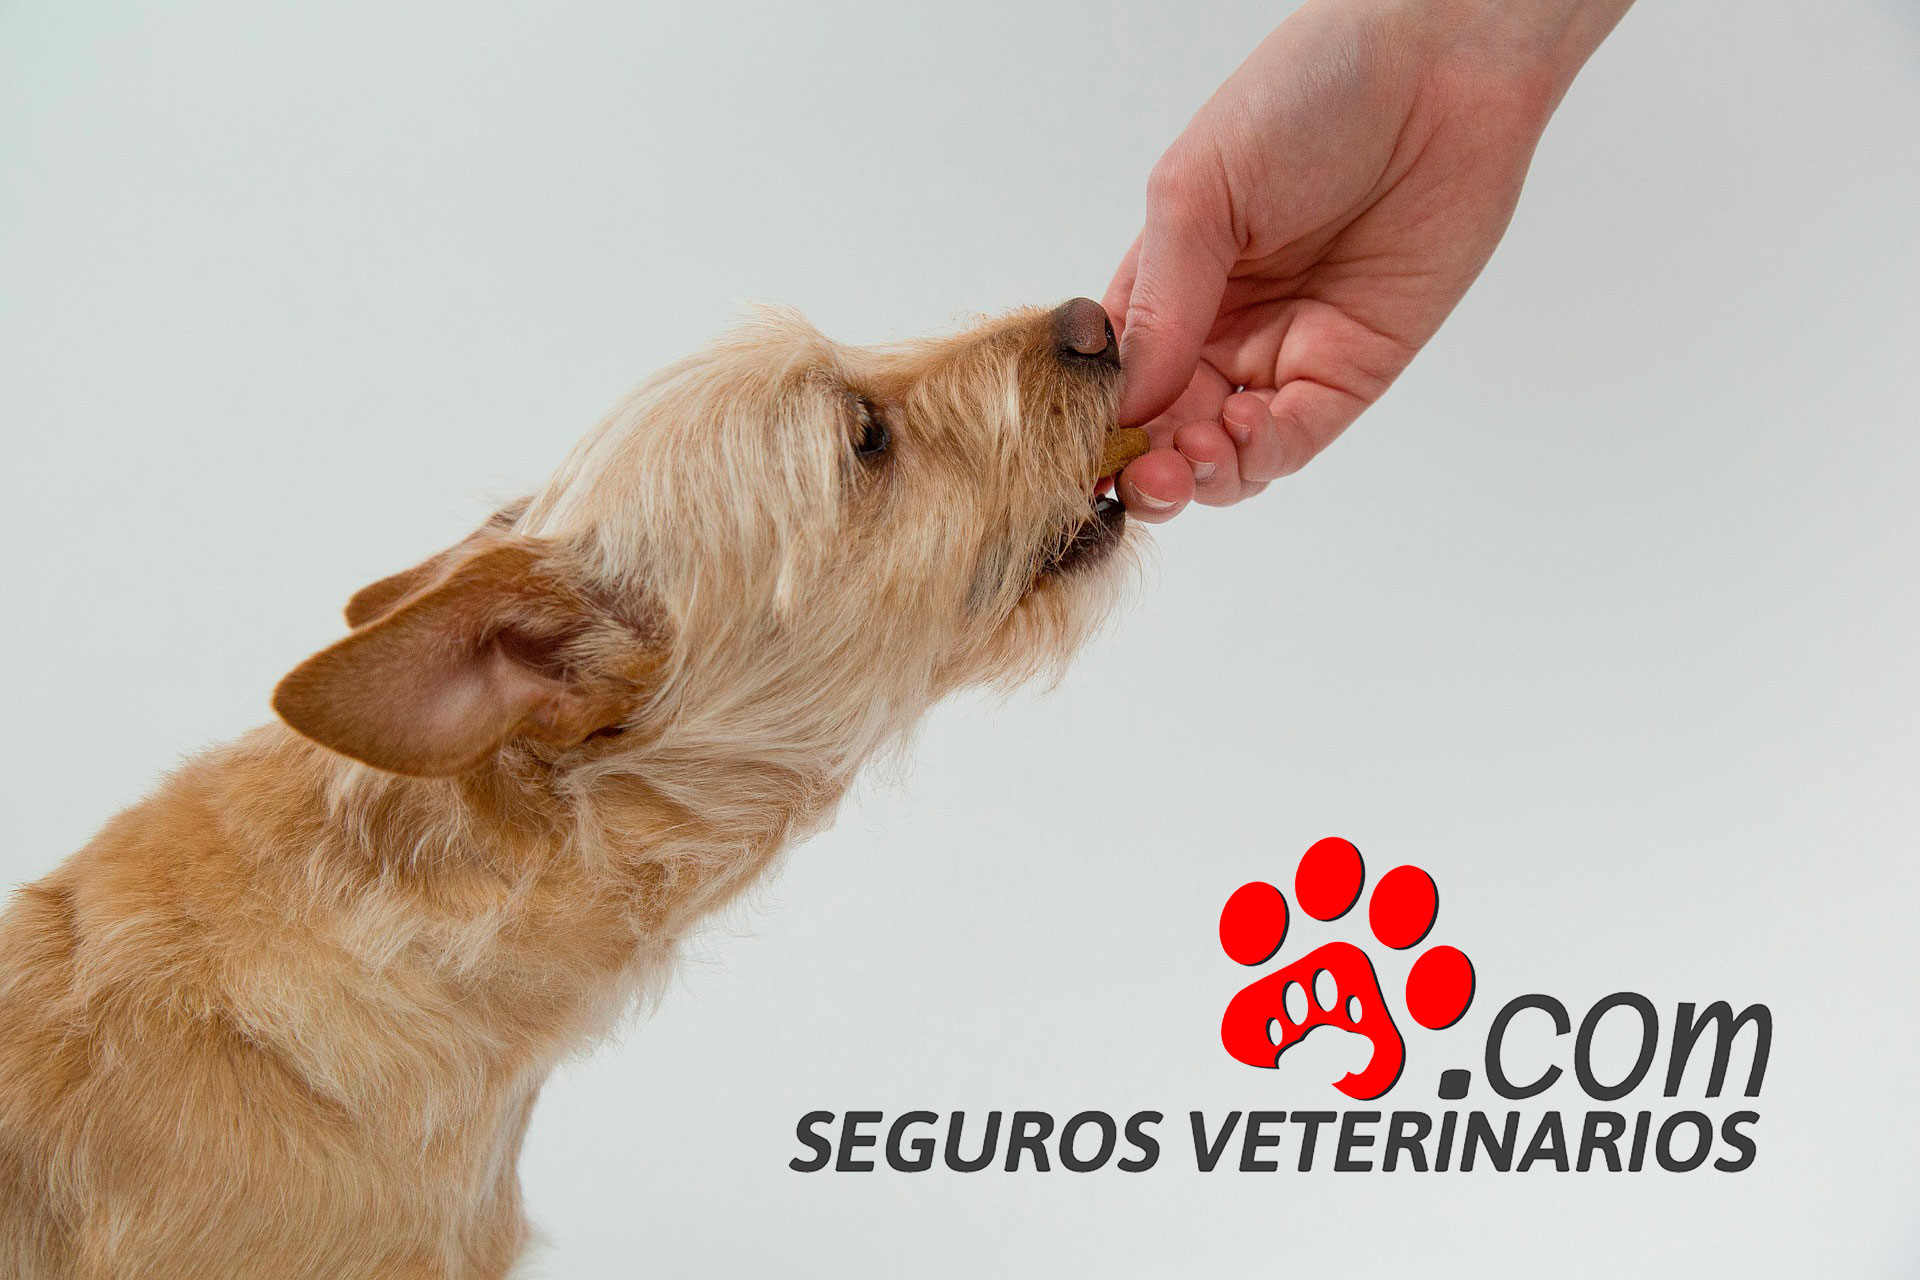 Banco de Alimentos para perros